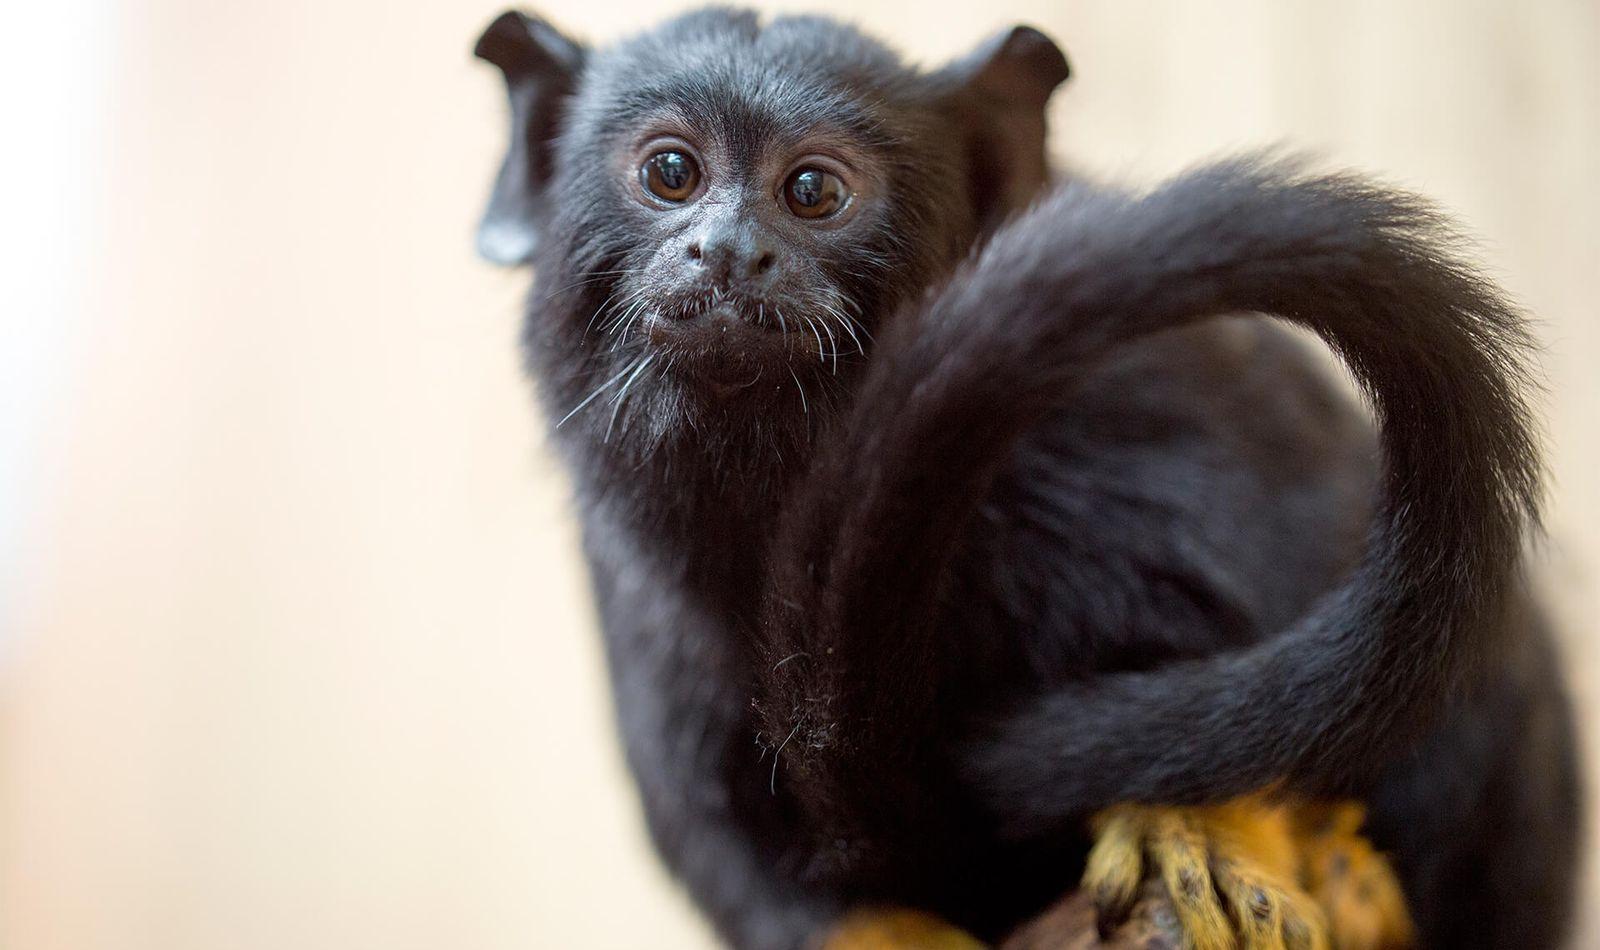 Tamarin à mains rousses - Venez visiter les animaux du ZooParc